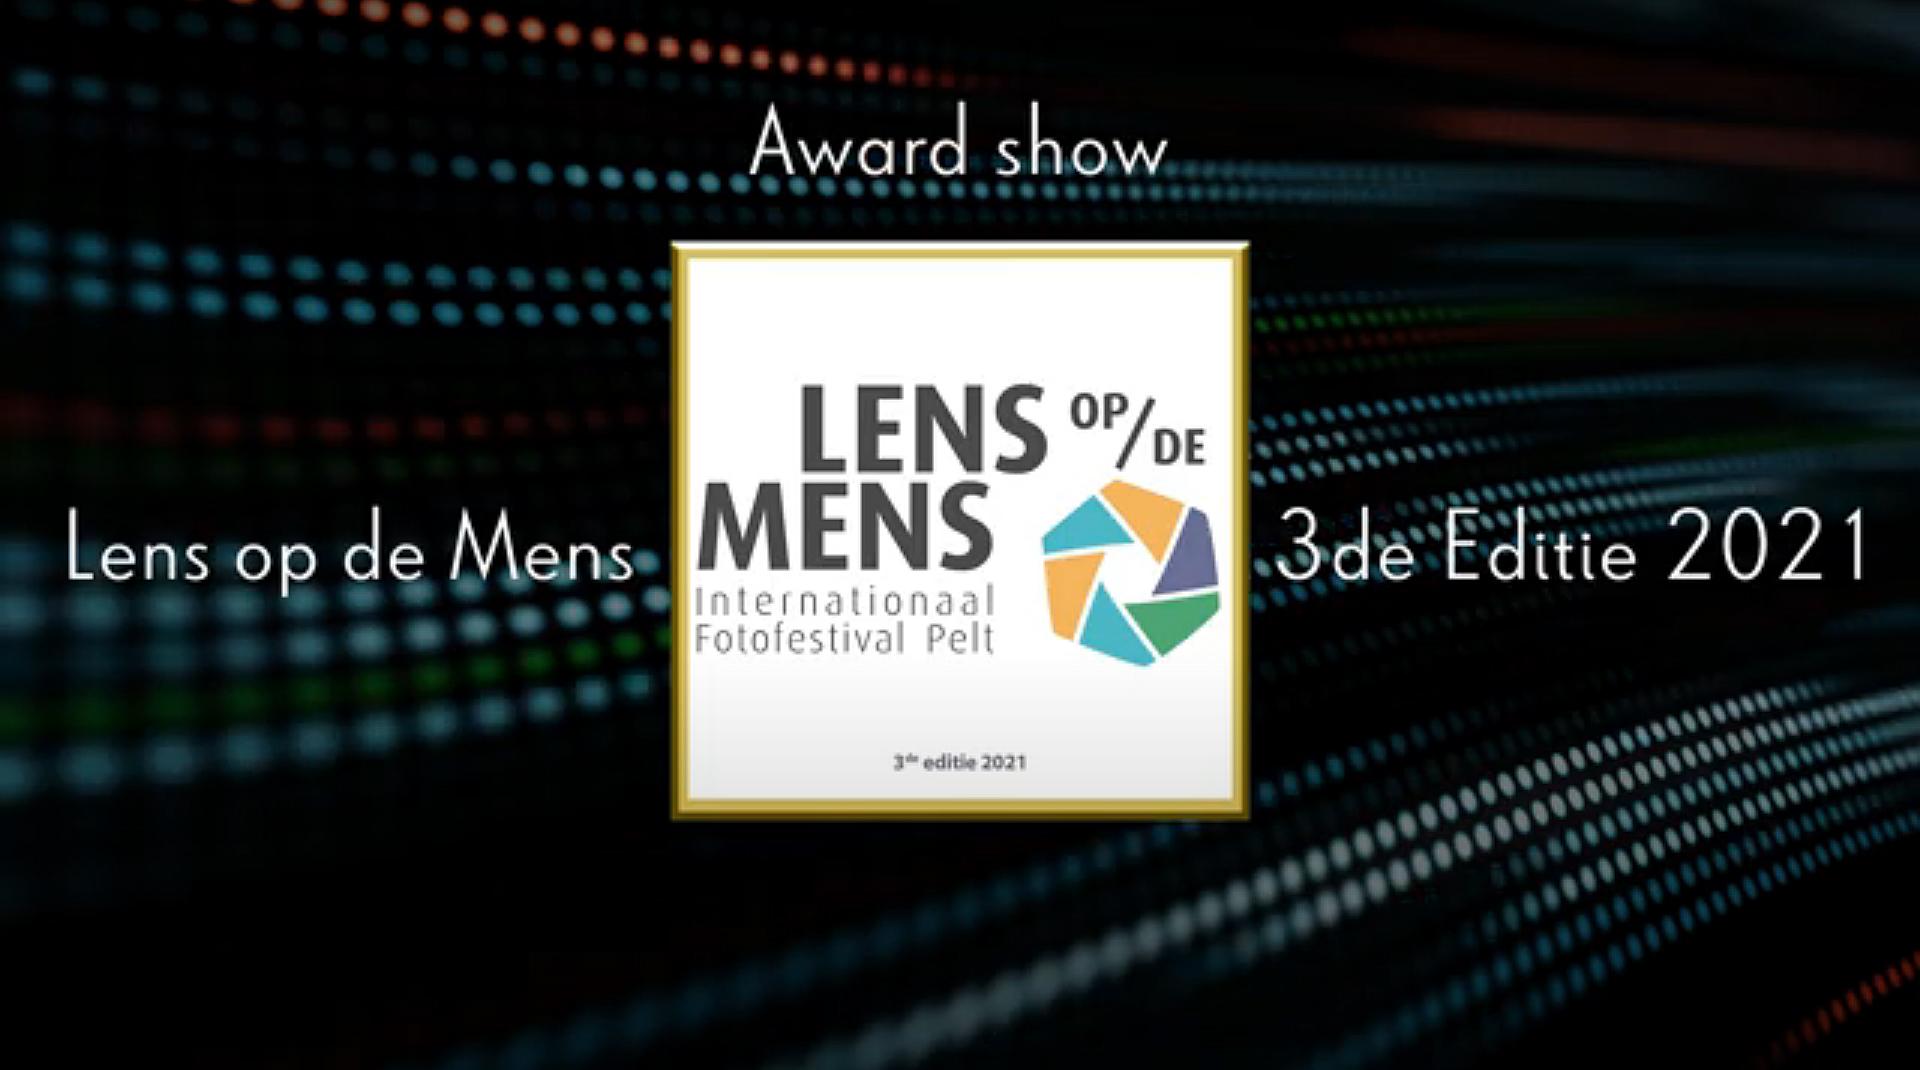 Award Show en opening Lens op de Mens 6 juni 2021